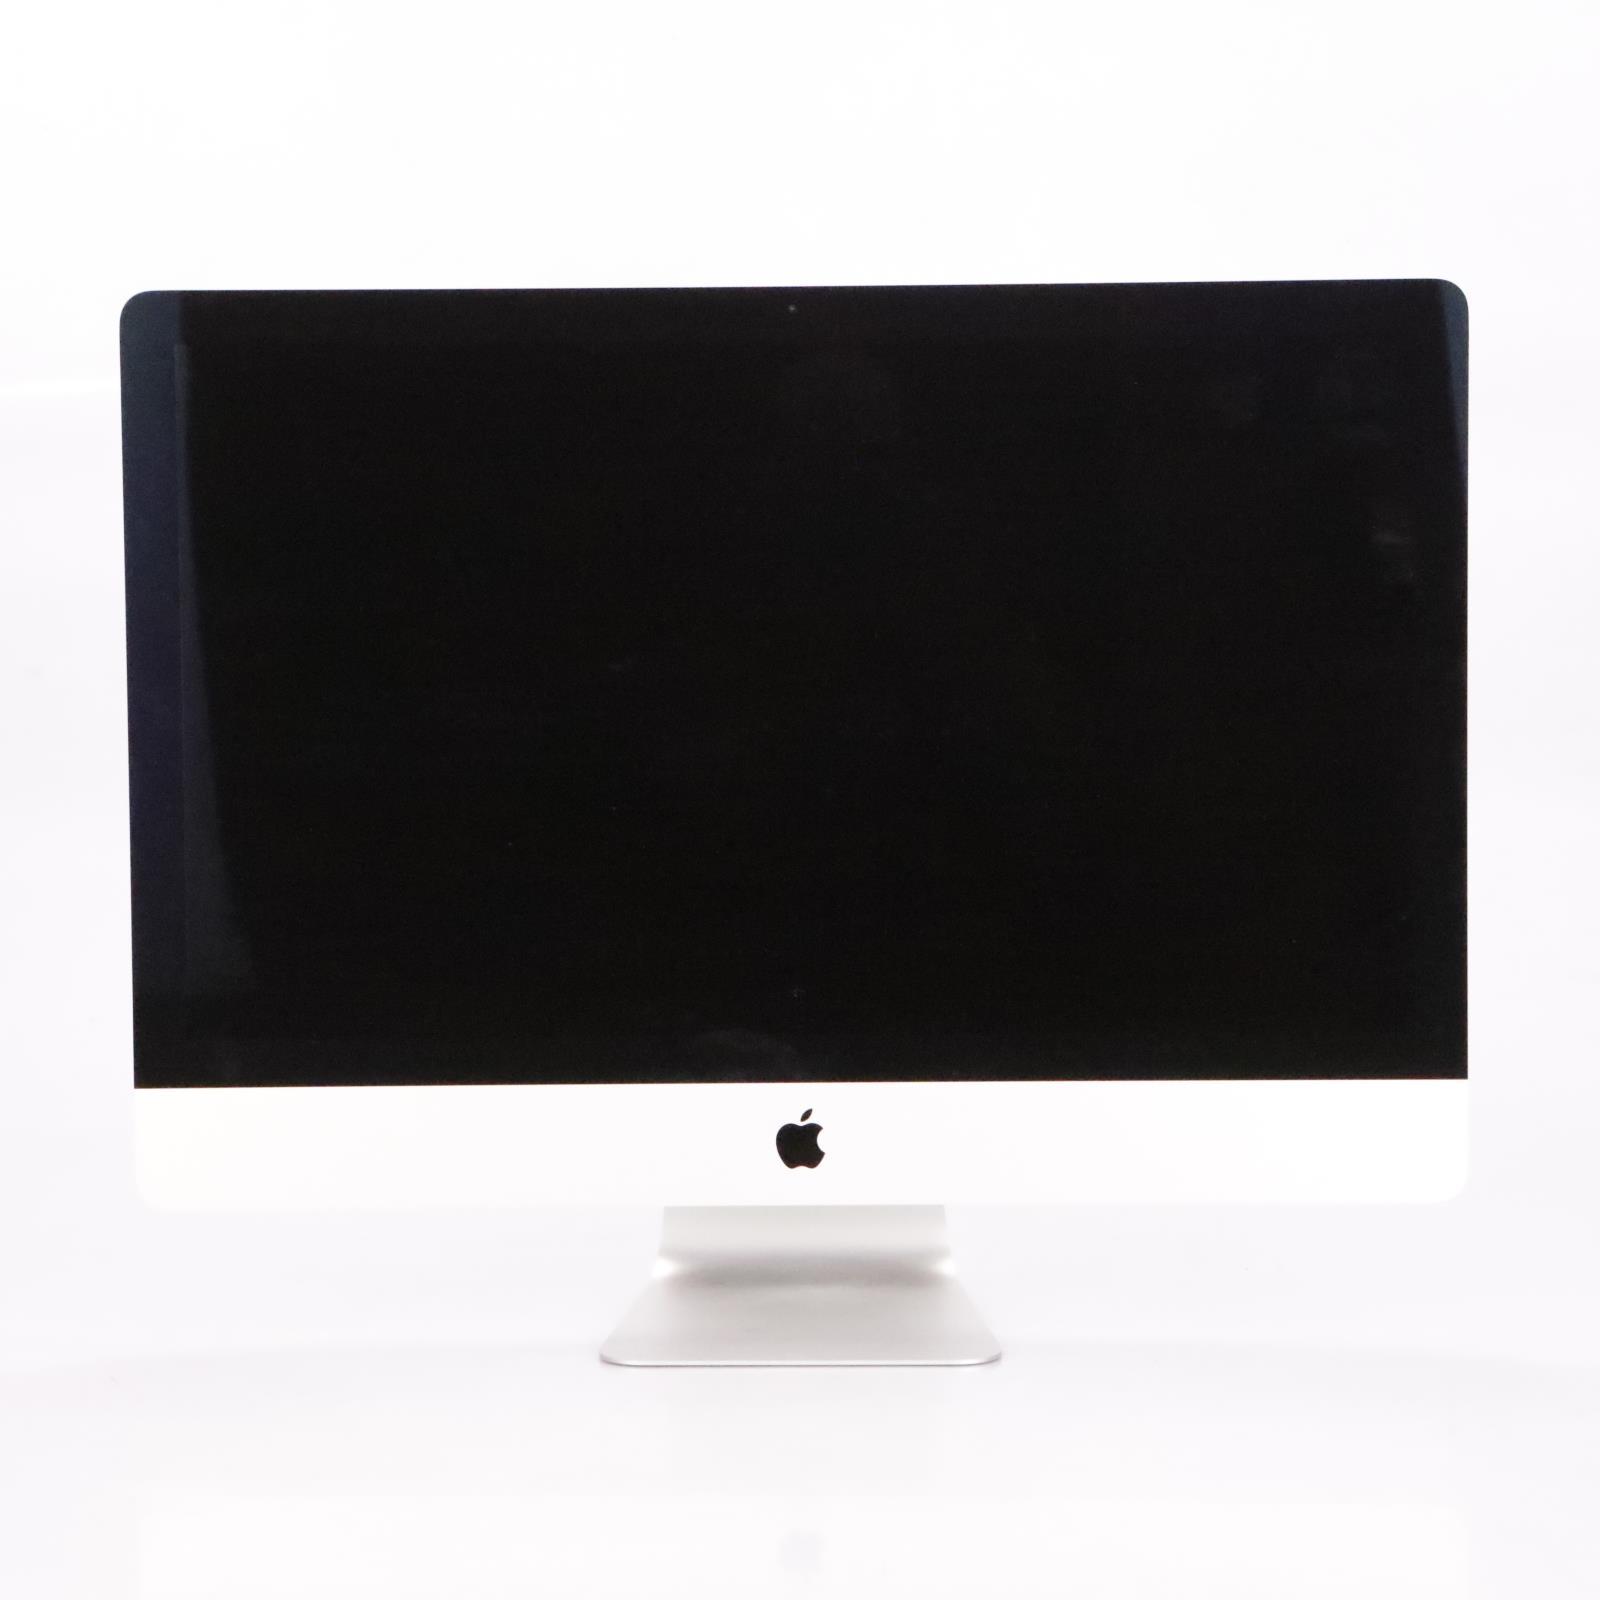 """Apple iMac 27""""4.00Ghz 8GB Ram 3TB Hard Drive Model A1419 w/ Box #37292"""